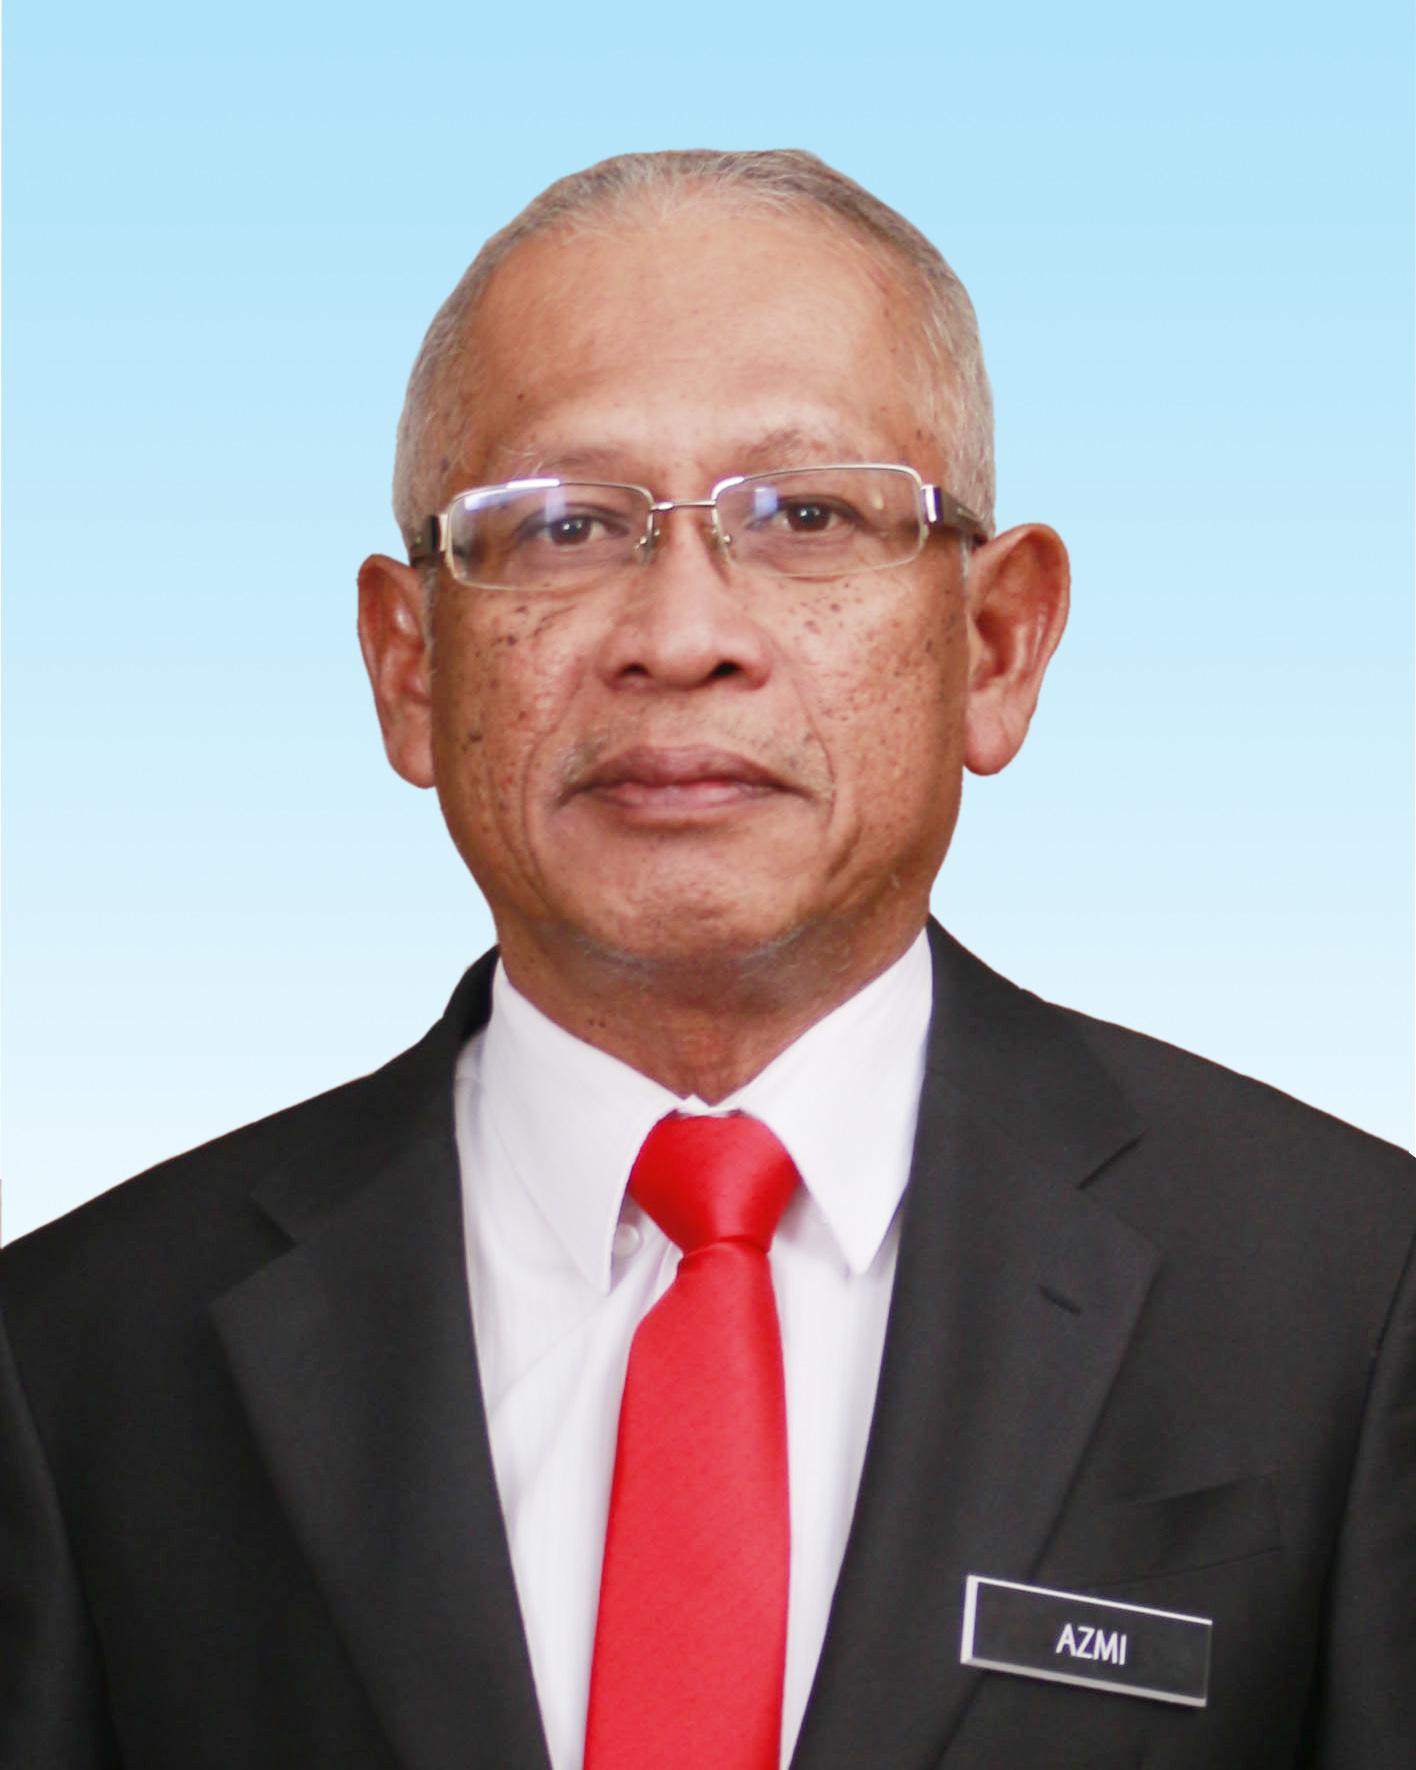 YBhg. Datuk Haji Azmi bin Haji Hussain